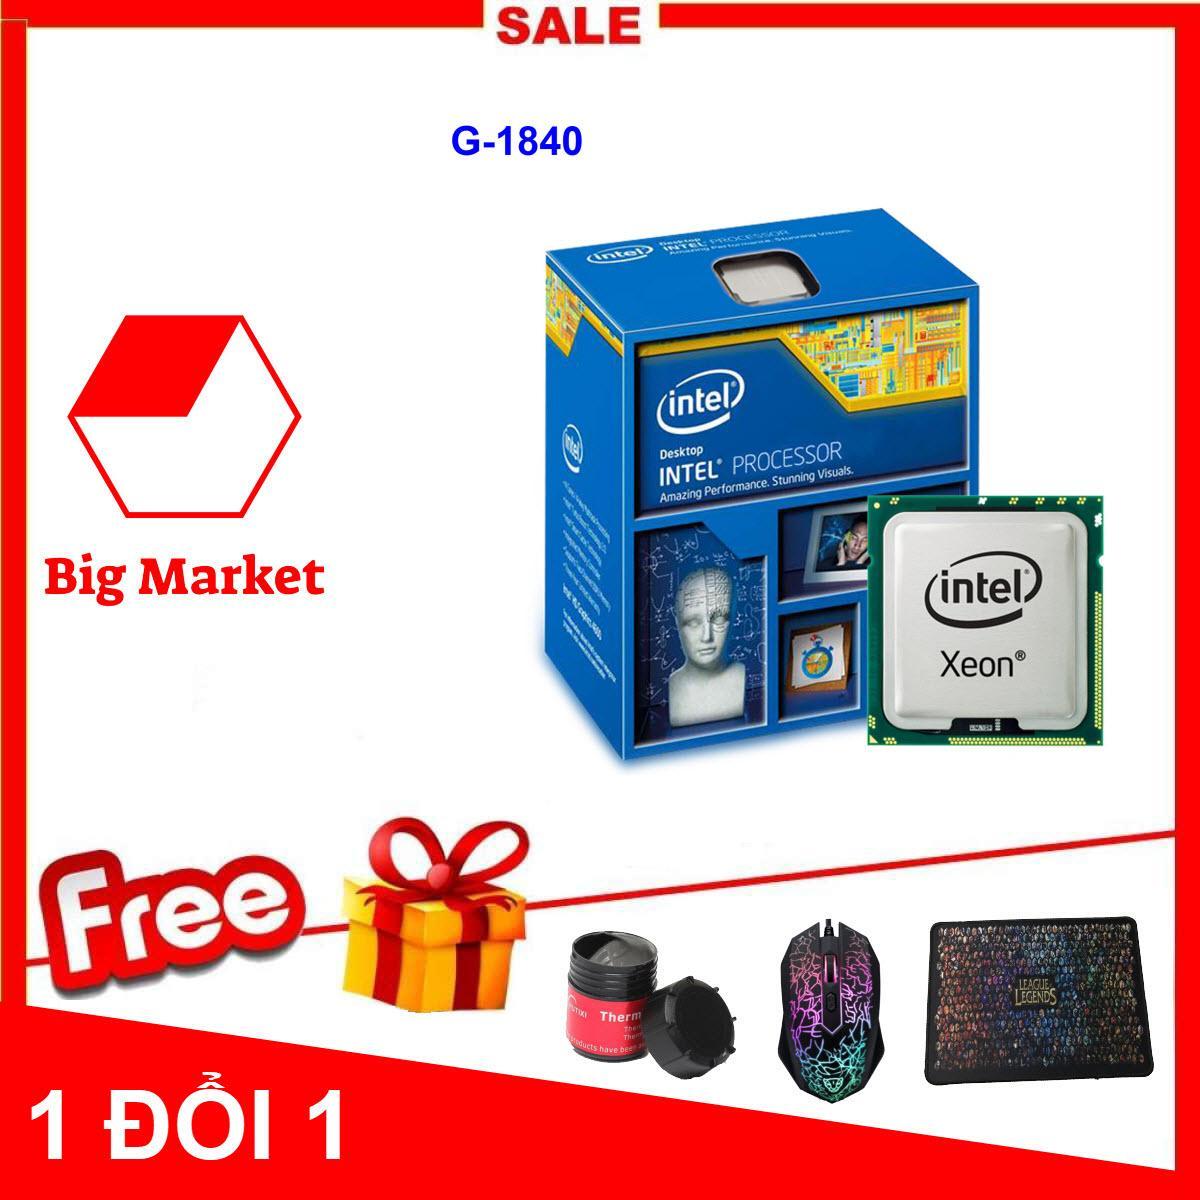 Bộ vi xử lý Intel Celeron G1840 (2 lõi - 2 Luồng) + Bộ Quà Tặng - Hàng Nhập Khẩu